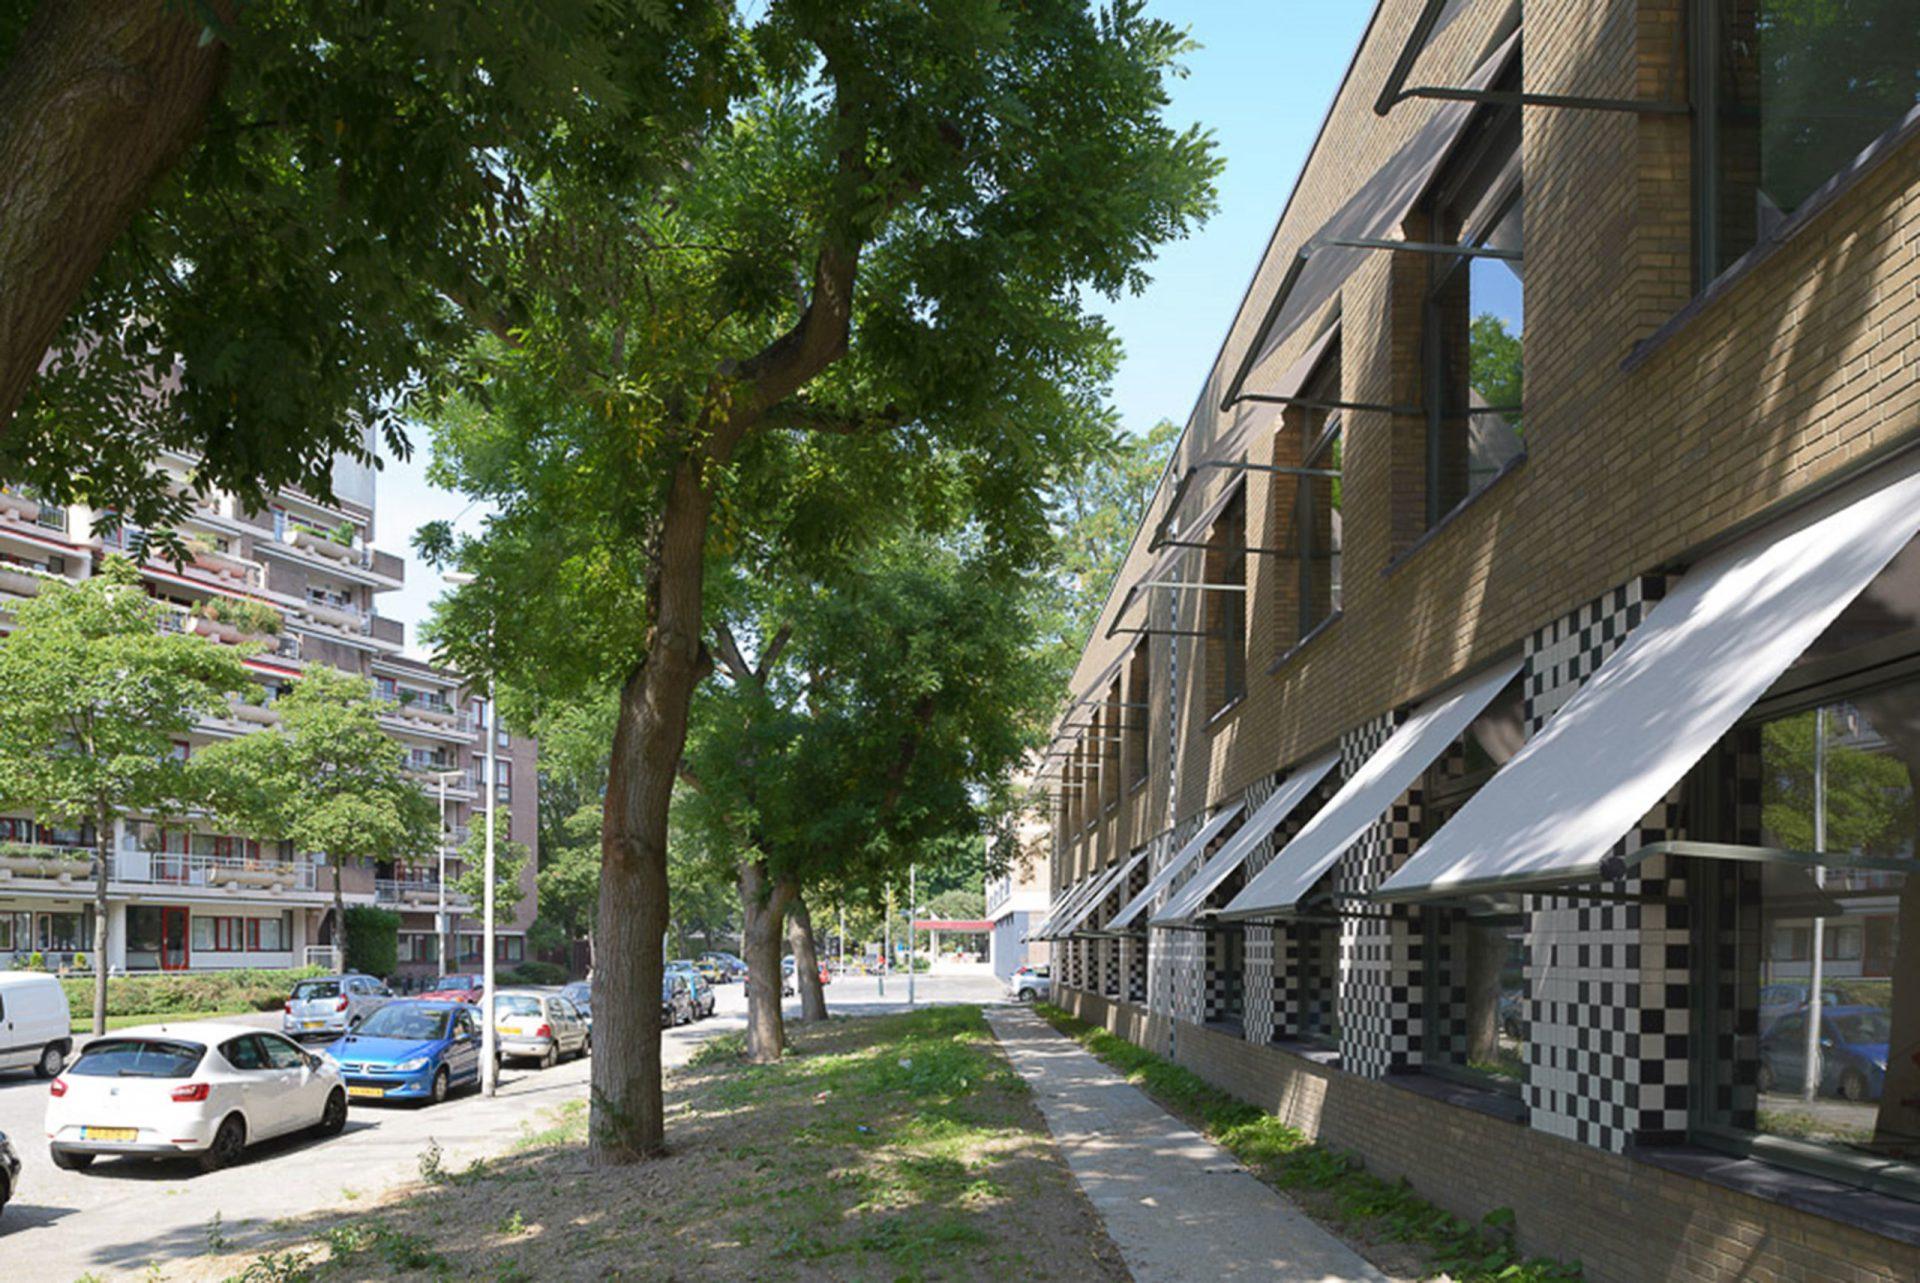 Aj Schreuderschool Side Street